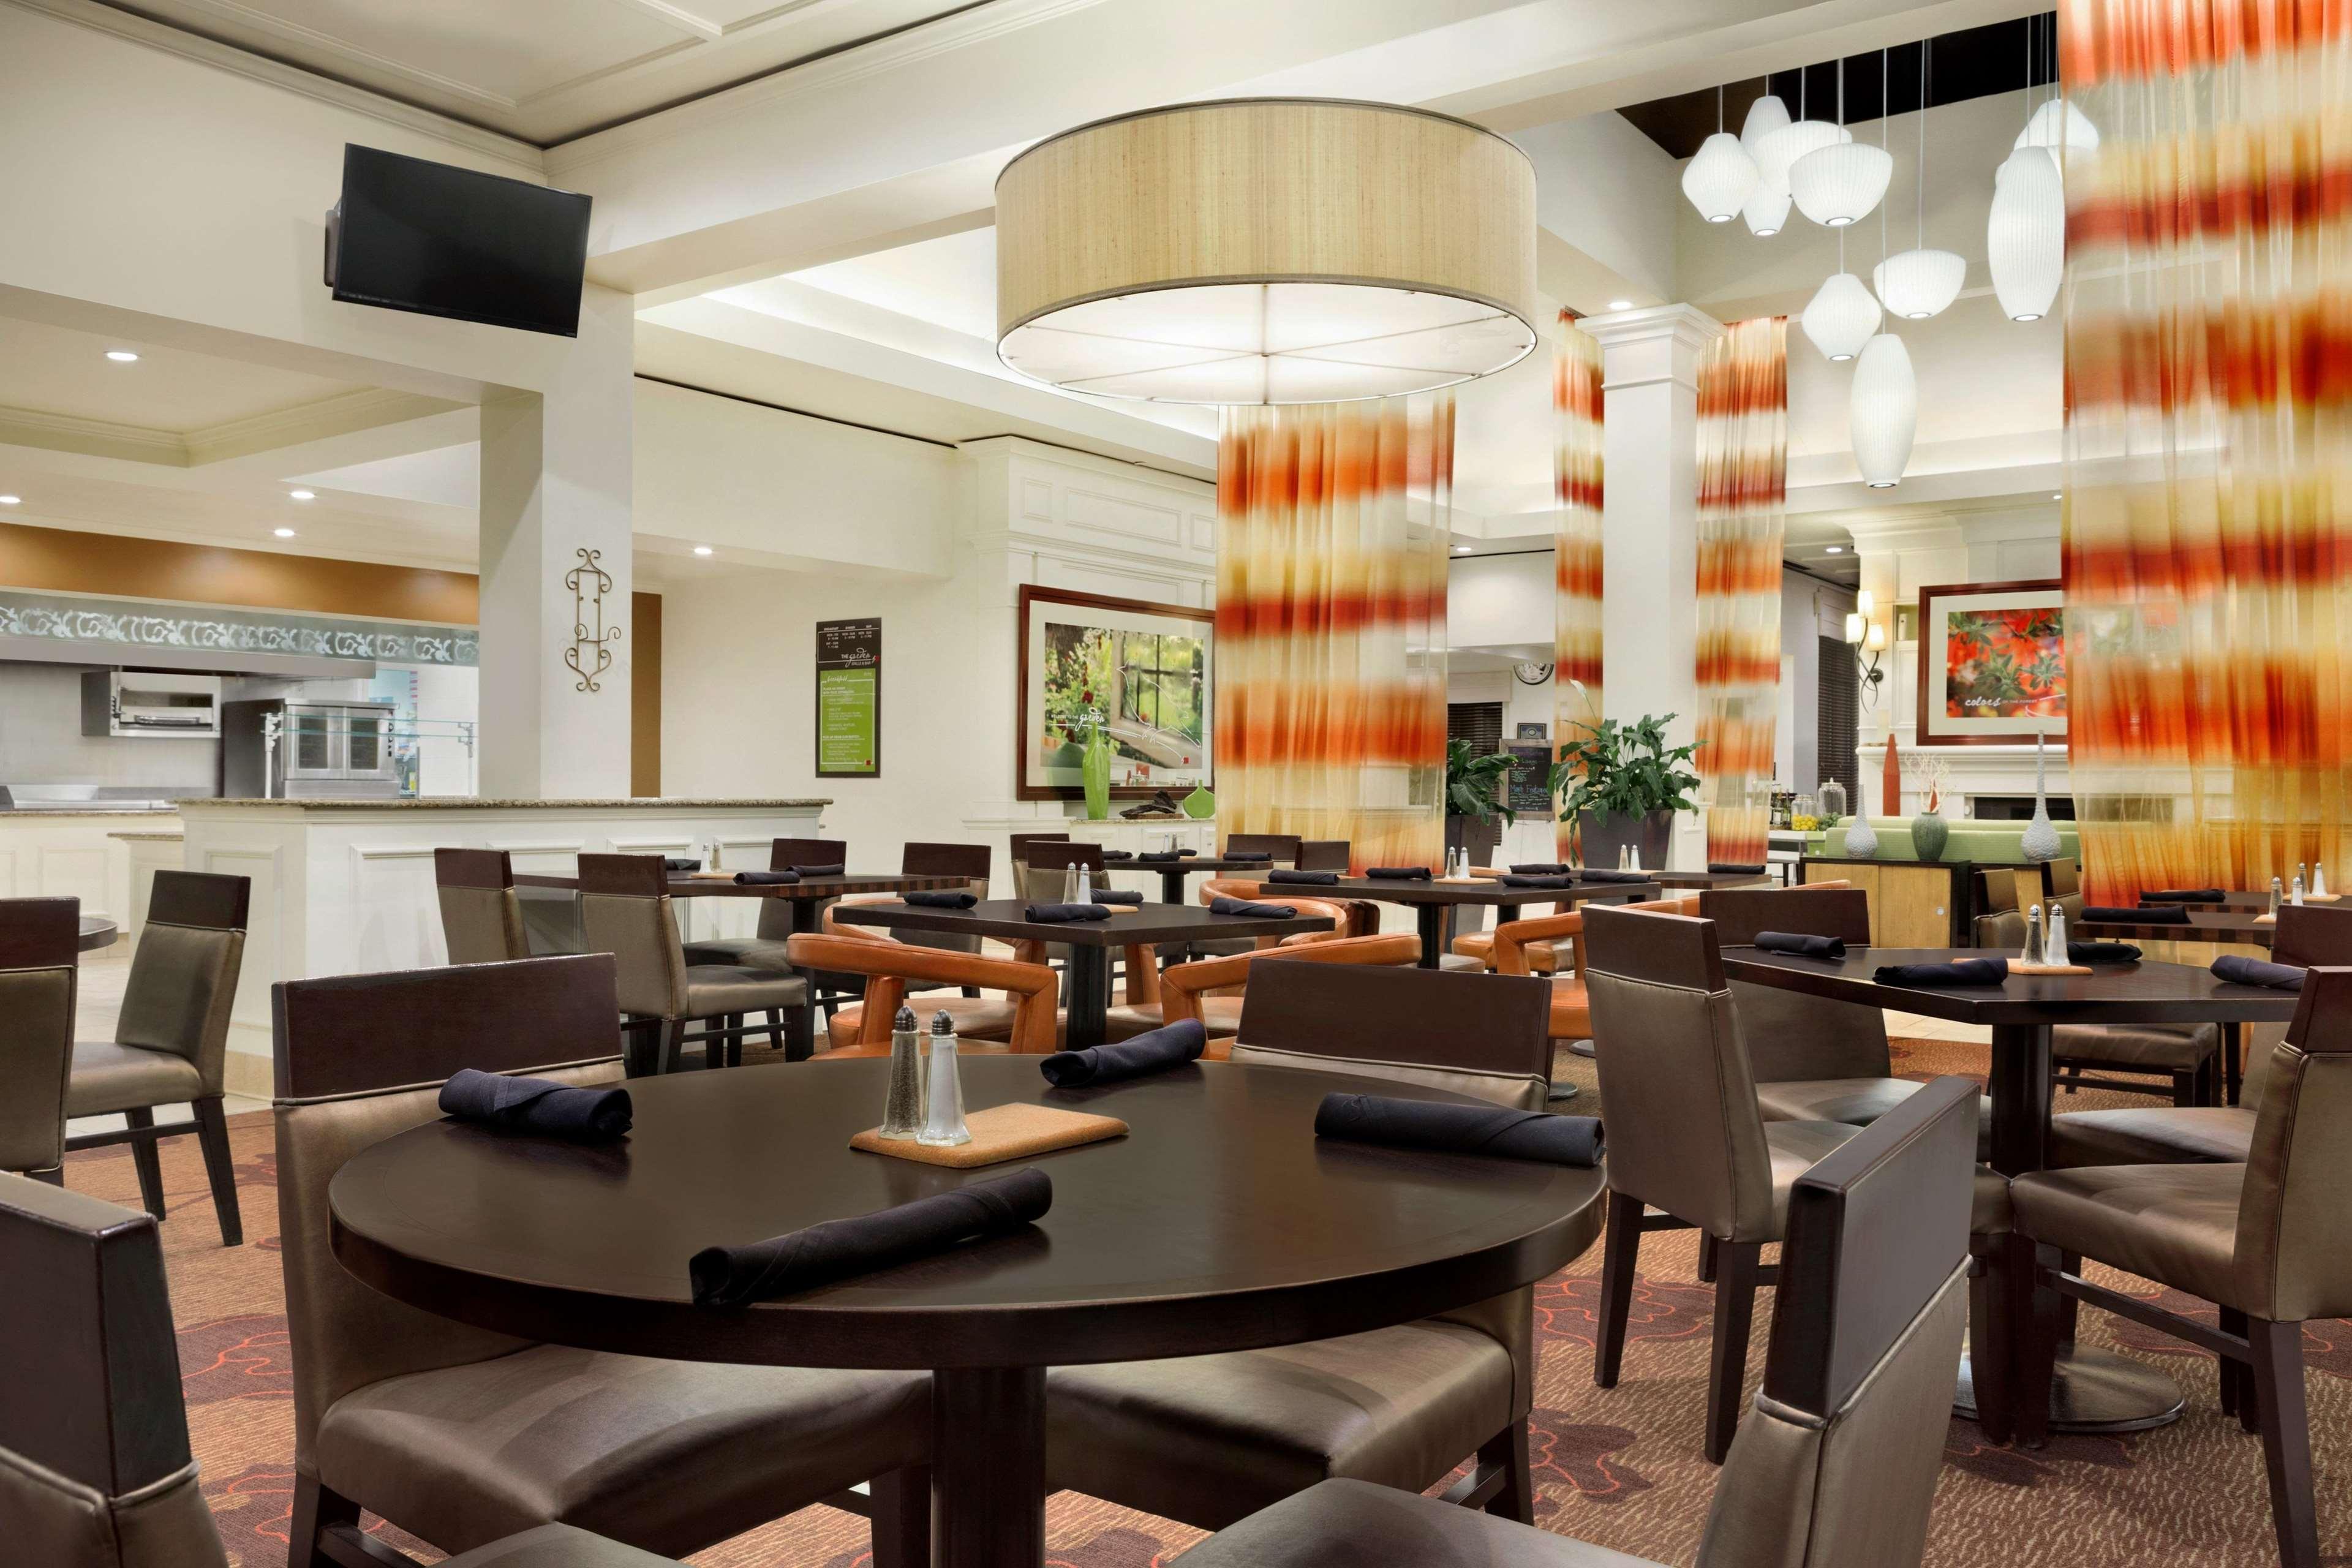 Hilton Garden Inn Atlanta Perimeter Center image 3